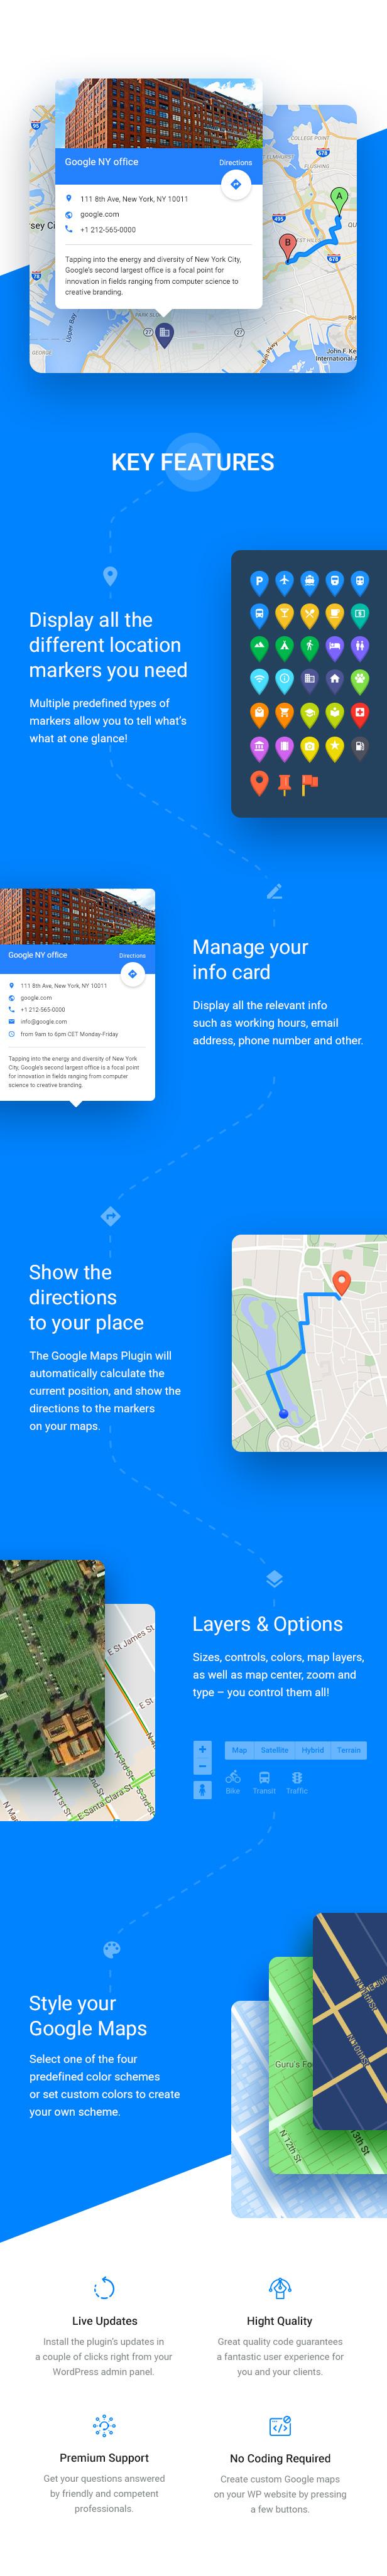 elfsight-google-maps-description-features.jpg